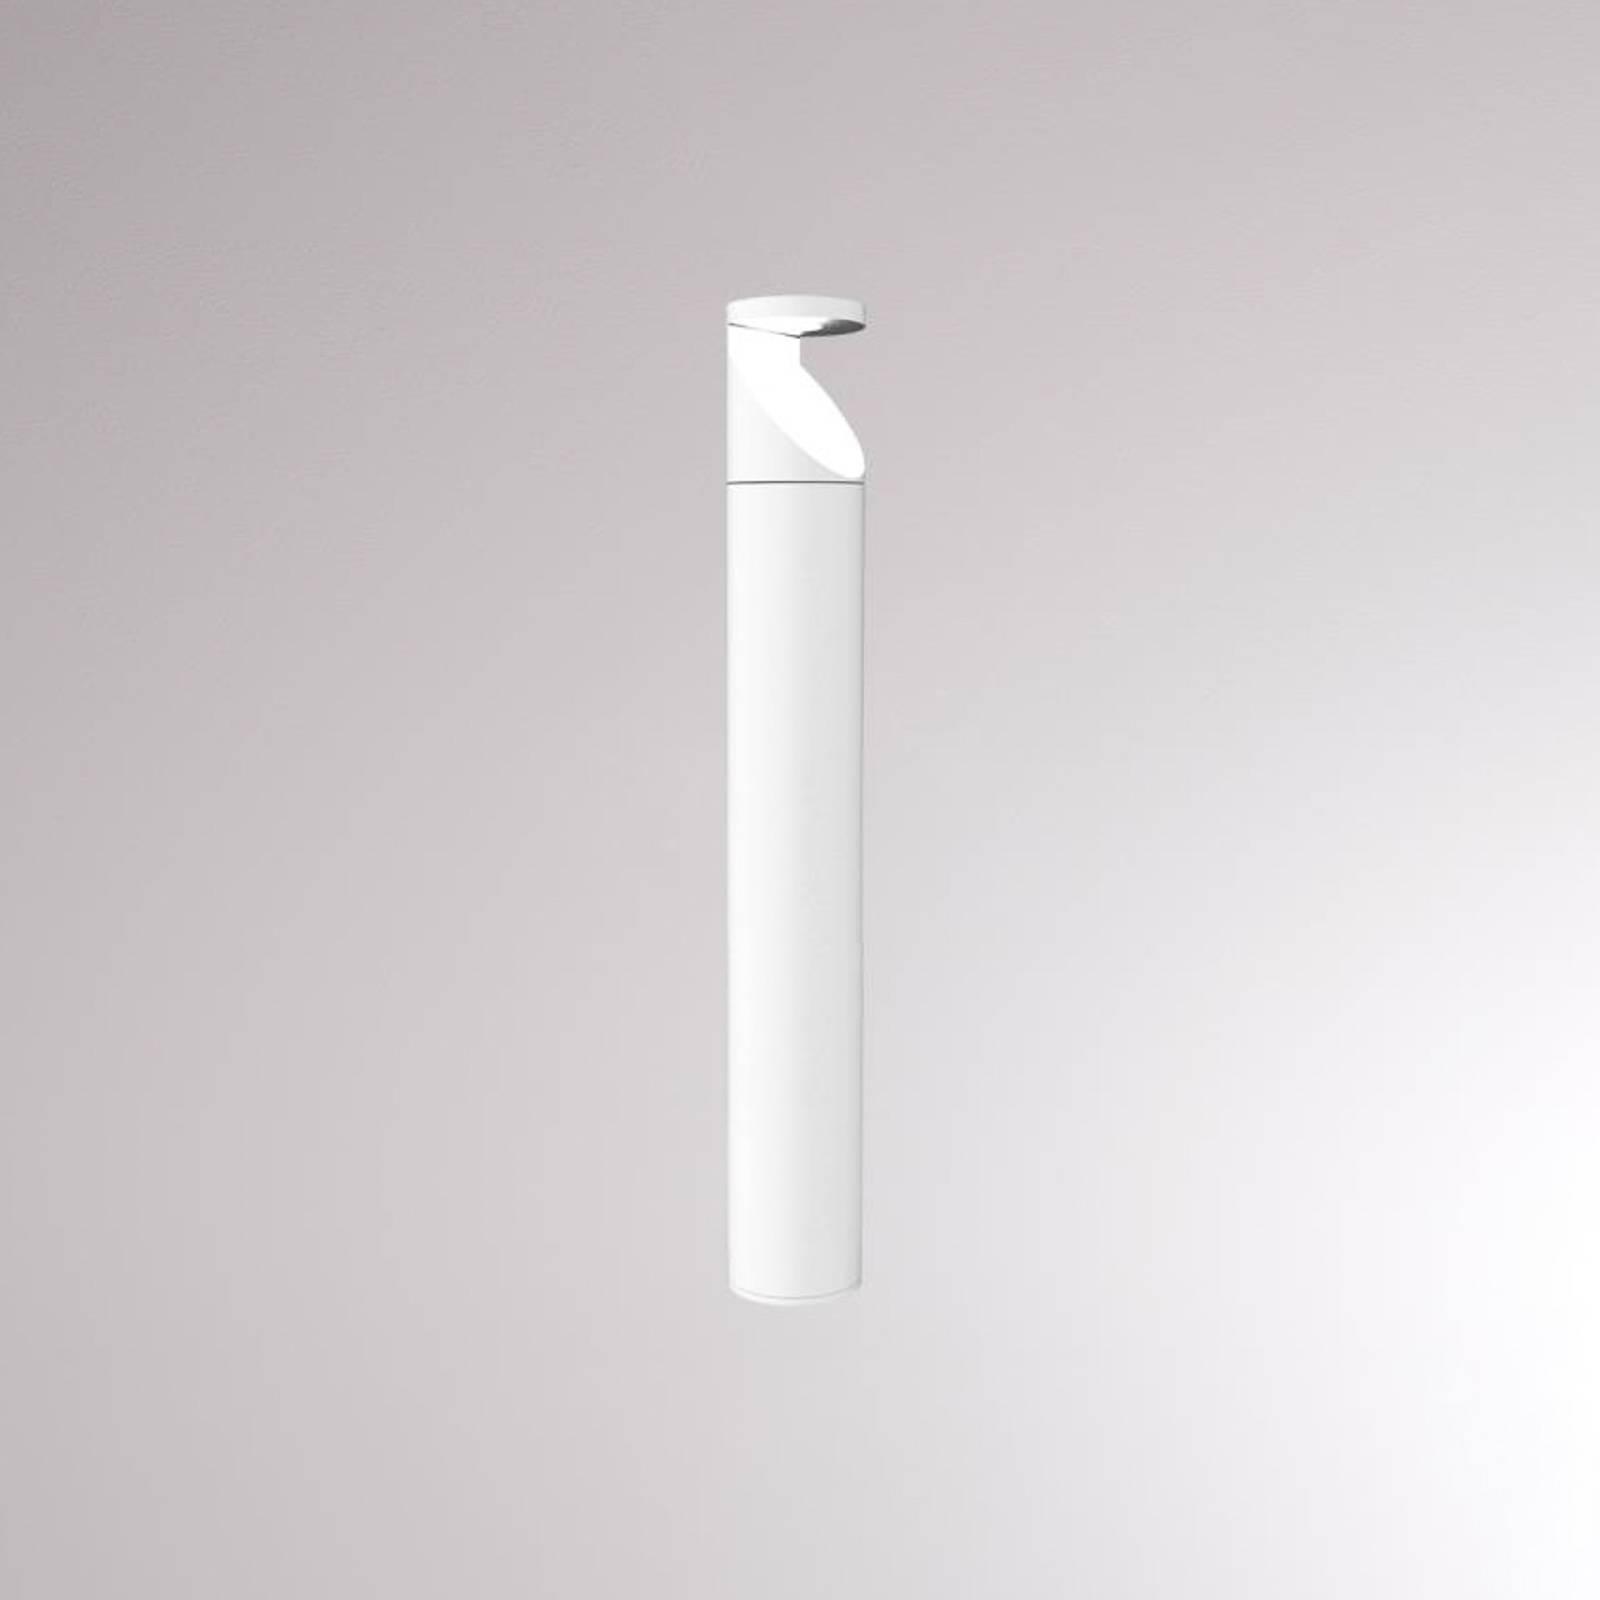 LOUM Booper LED-Wegeleuchte weiß matt